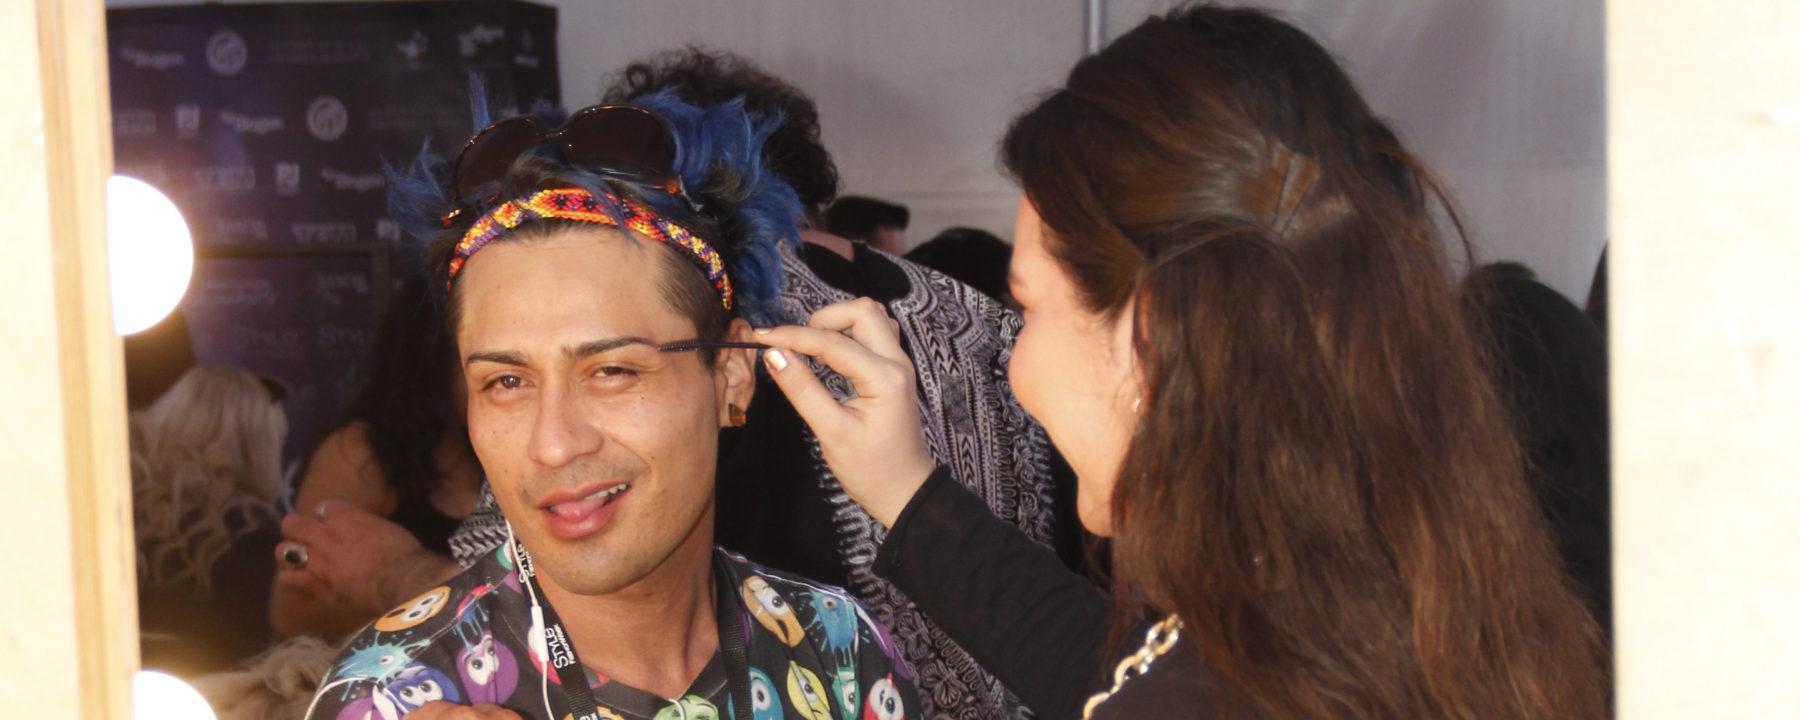 D' Jesus Trujillo Style Fashion Week 4Chion LIfestyle